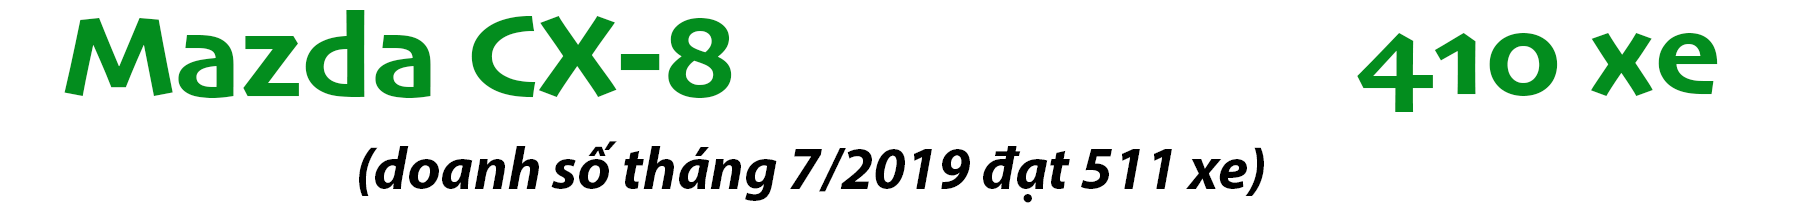 Phân khúc crossover tháng 8/2019: Xe lắp ráp trong nước thắng thế - 10